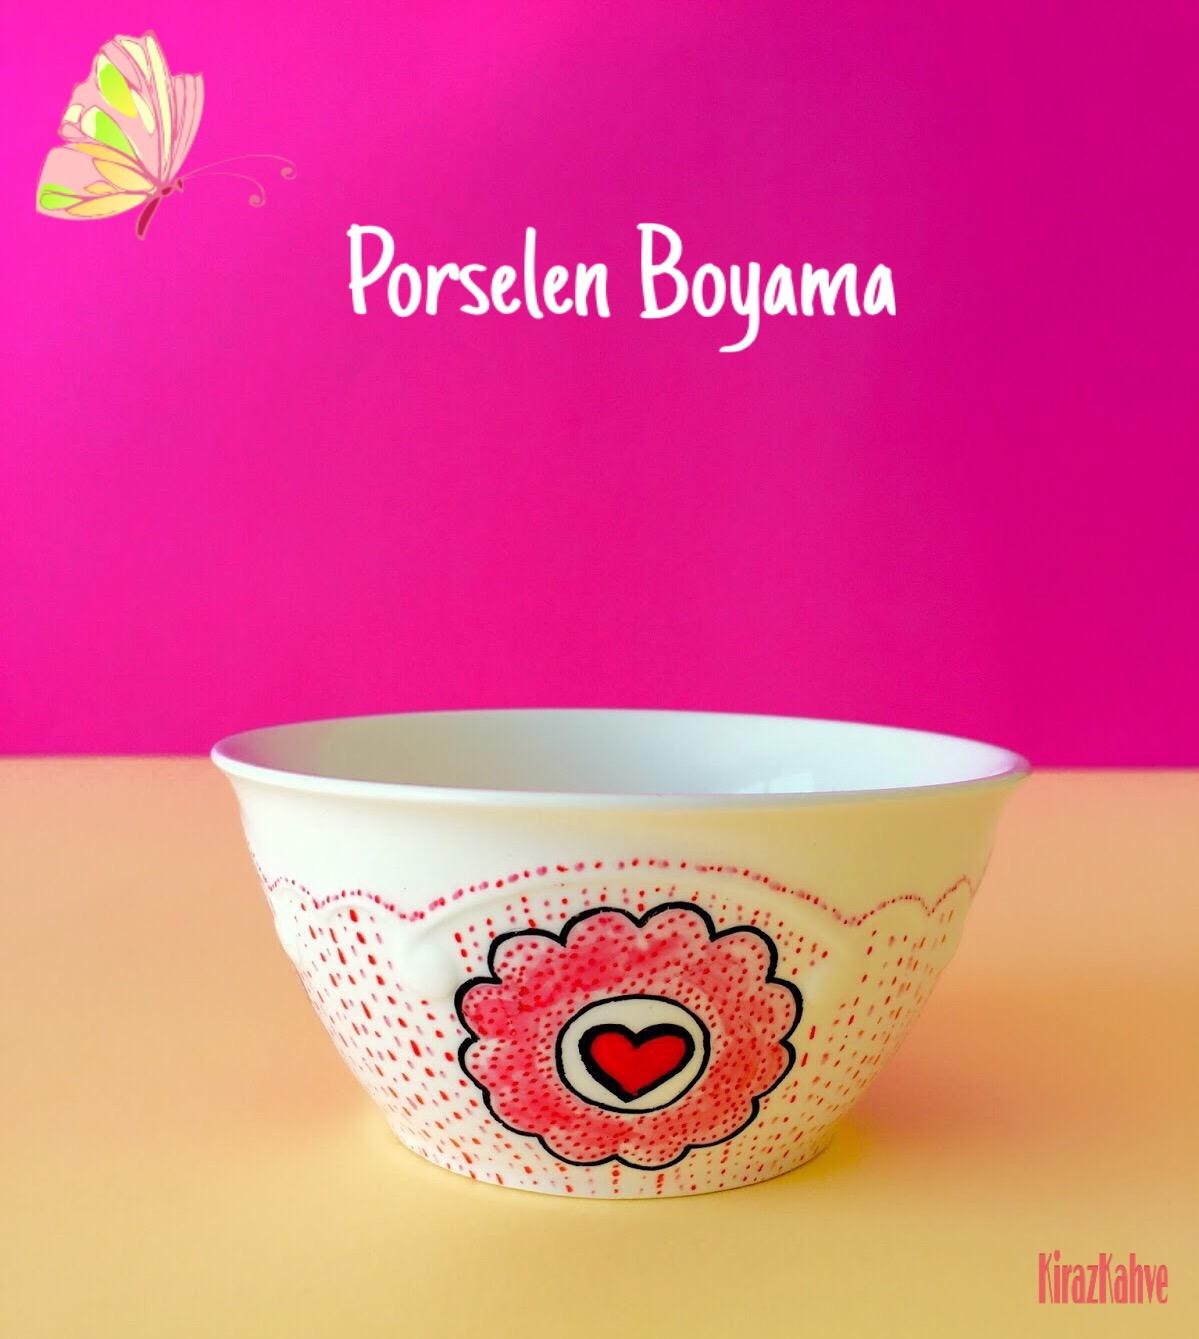 porselen boyama pembe kalpli